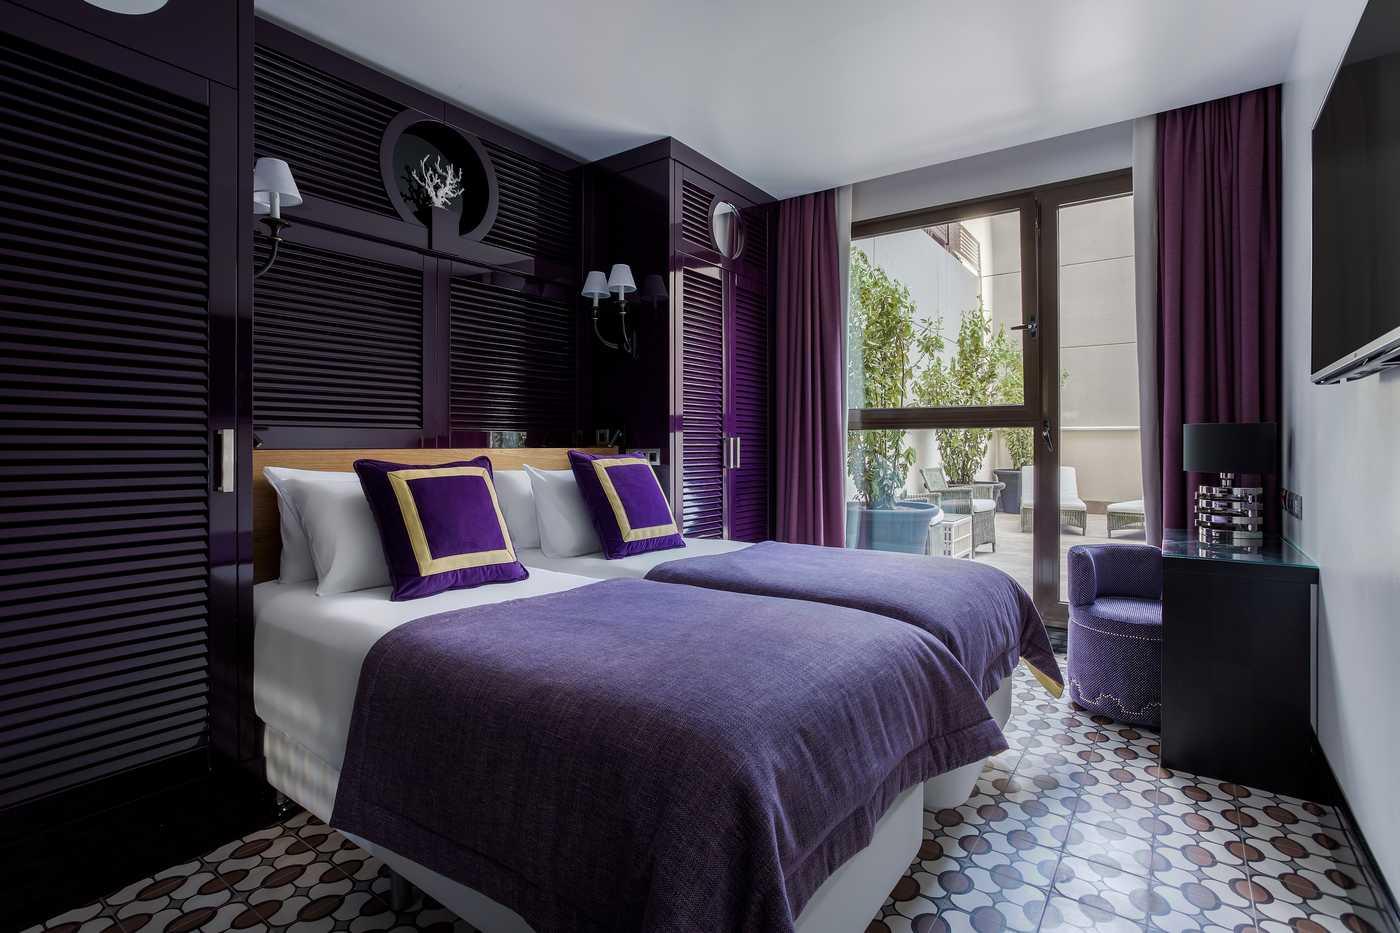 designer hotel in barcelona - Violet Hotel Design